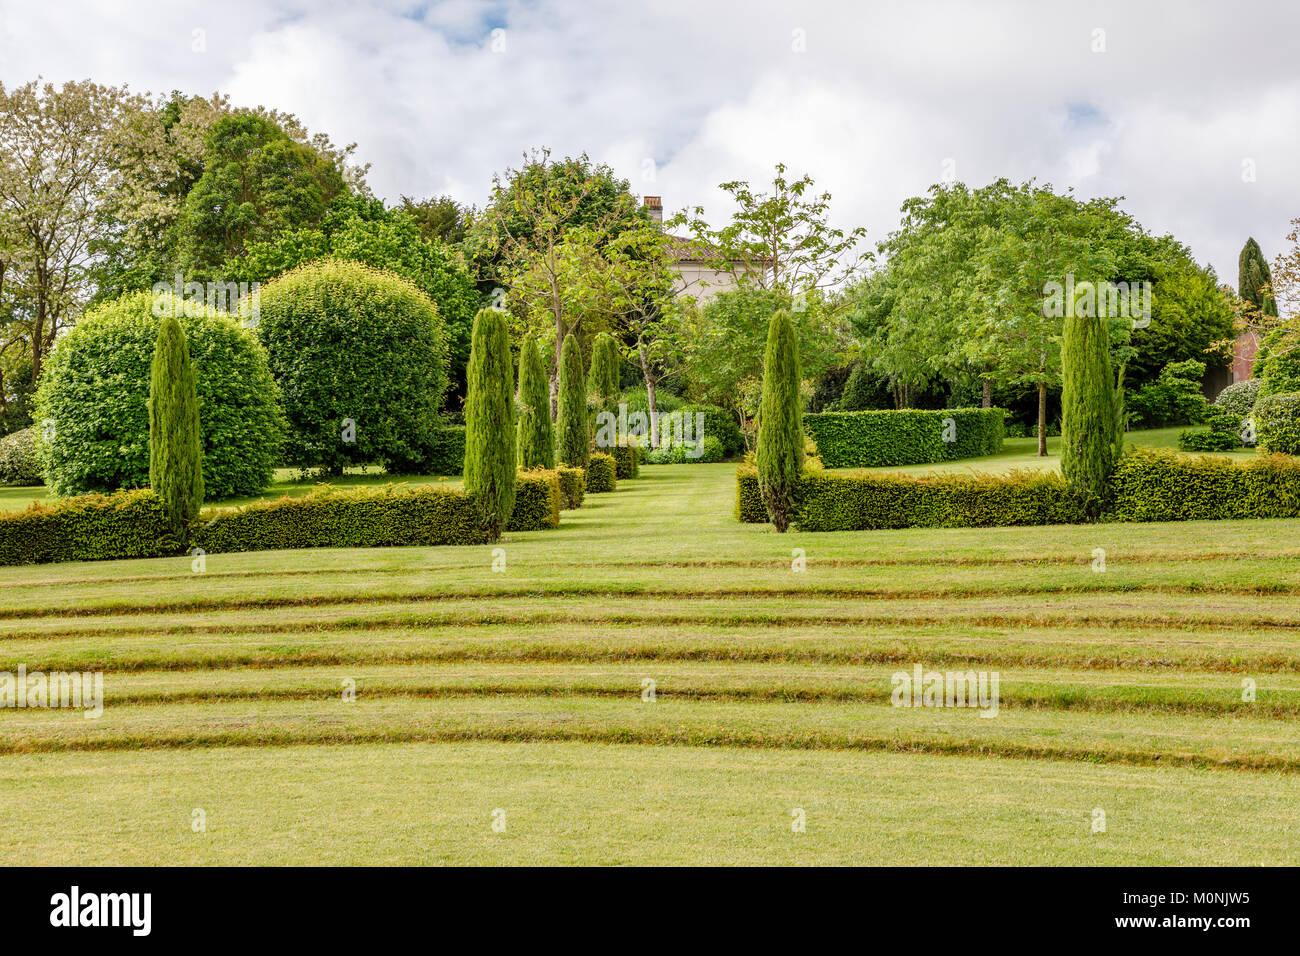 Theatre de verdure (théatre de verdure) dans les jardins de la résidence Les Jardins du Château du Photo Stock